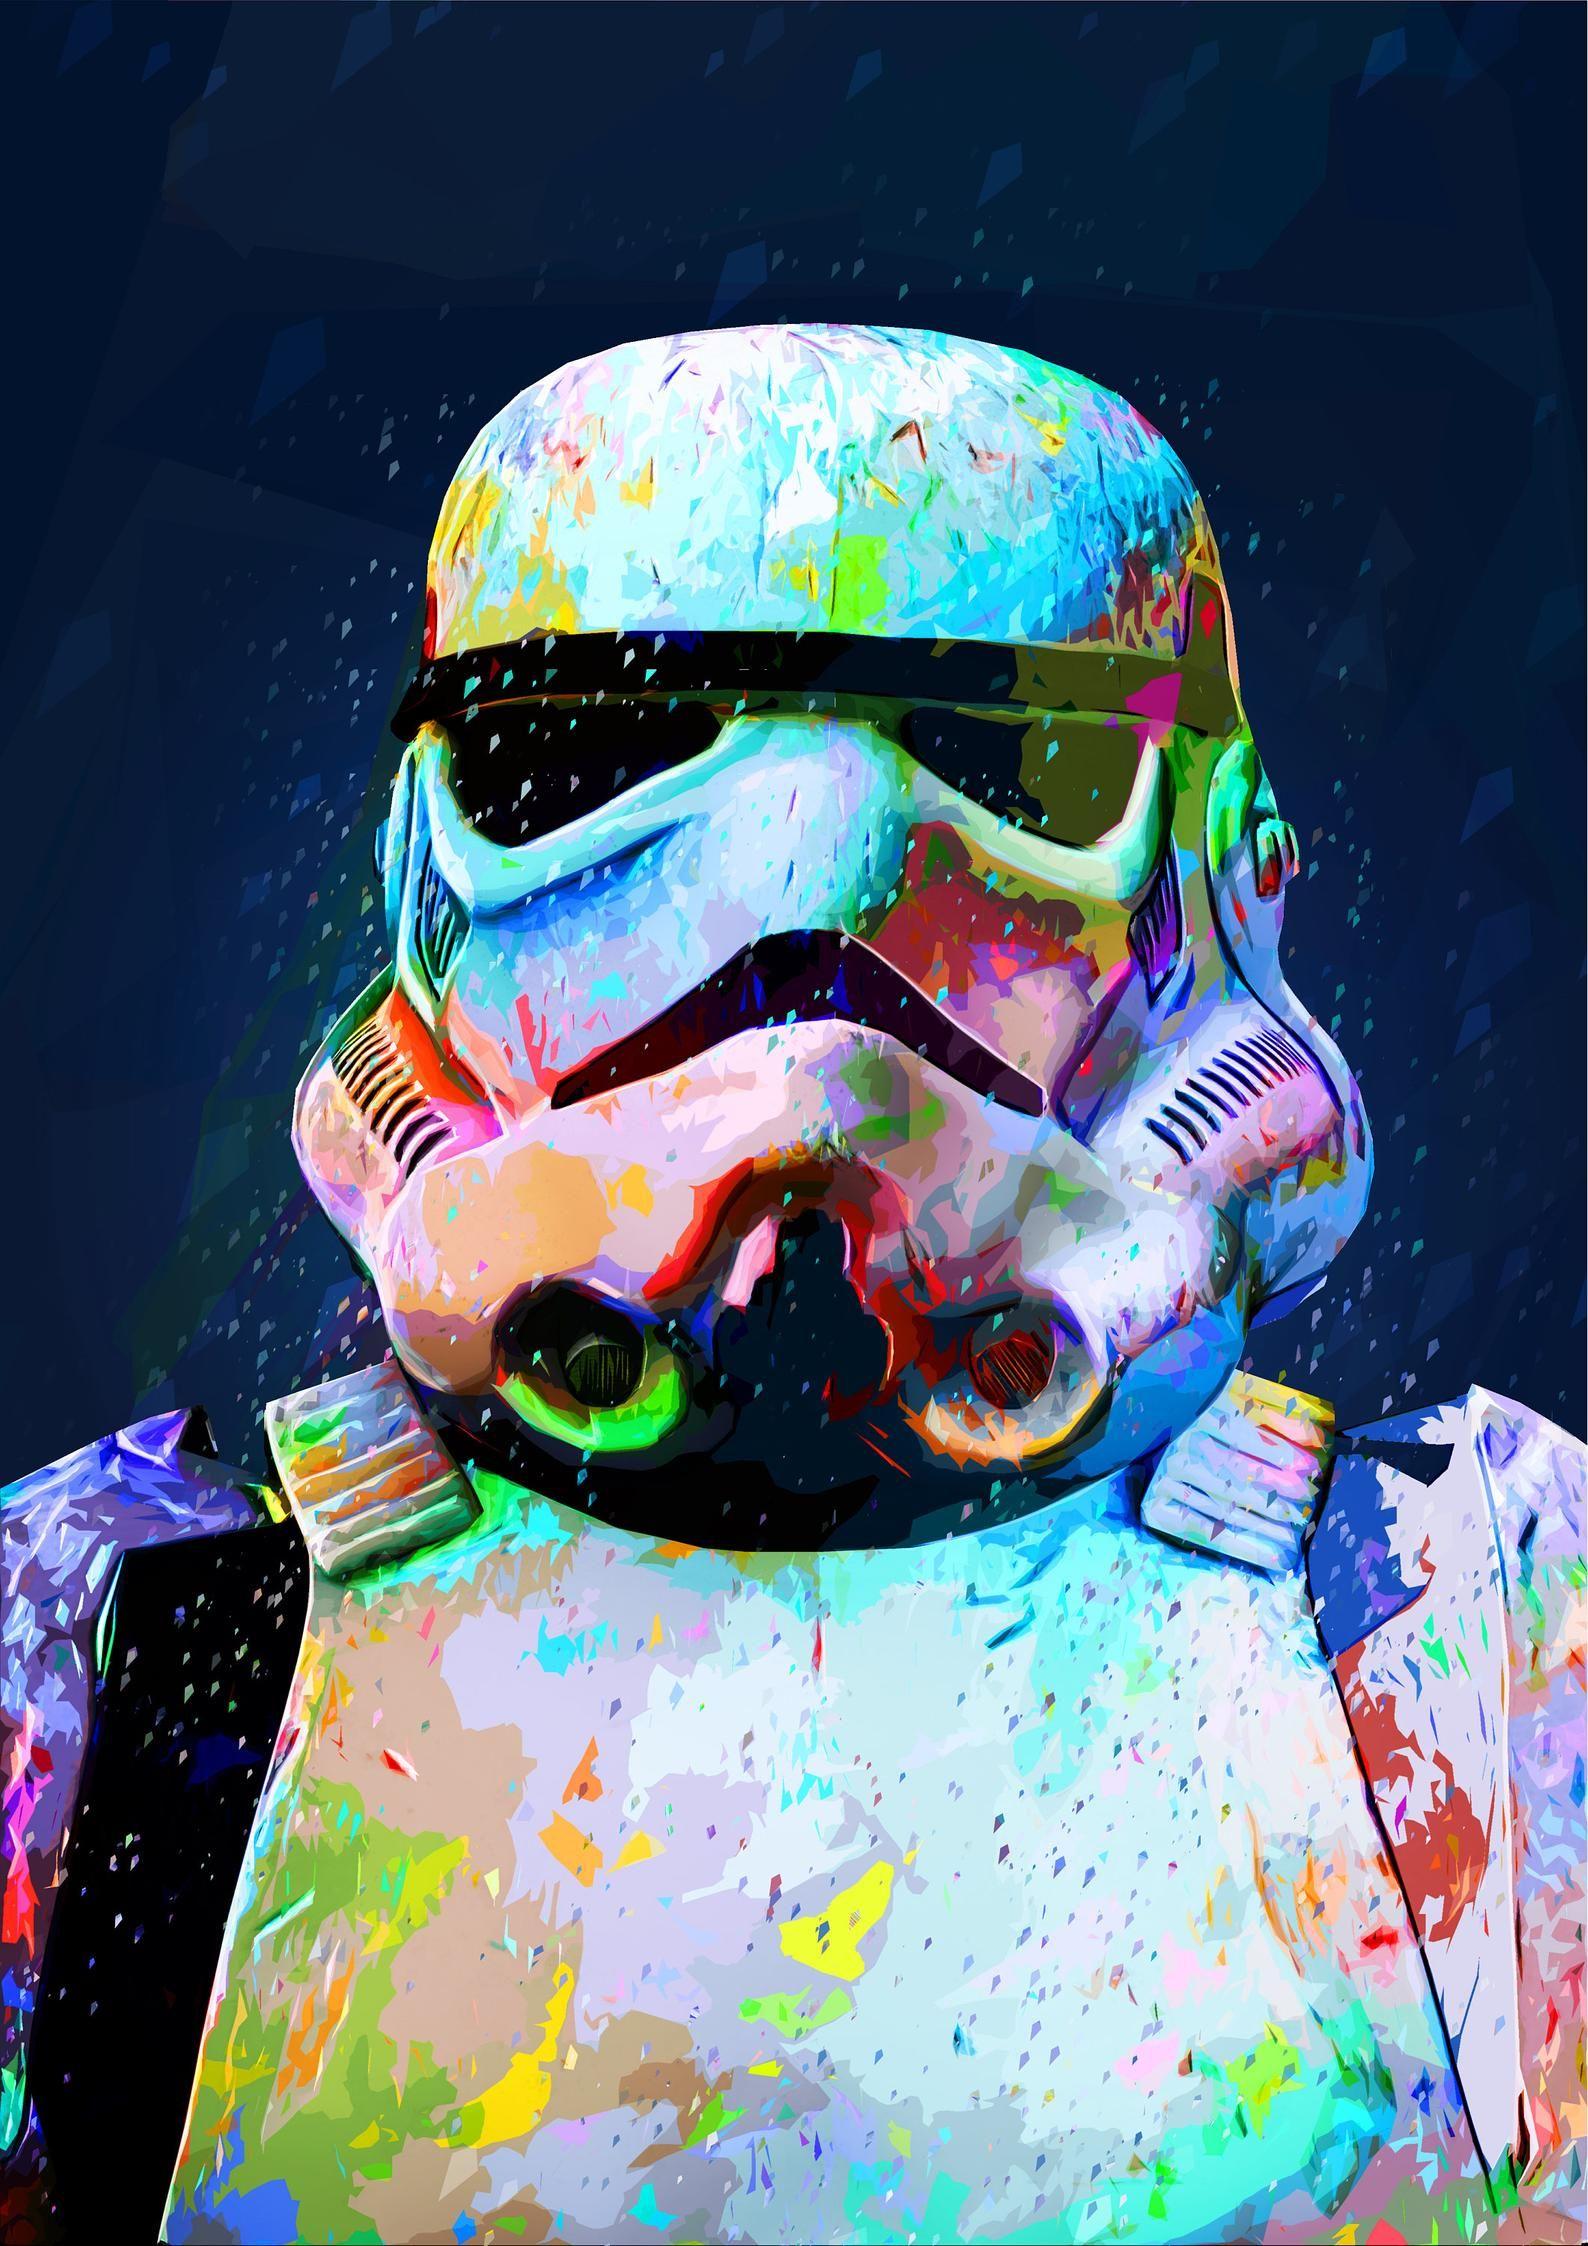 Star wars poster, star wars wall art, star wars decor, star wars art, star wars download, star wars printable, wall decor, star wars print